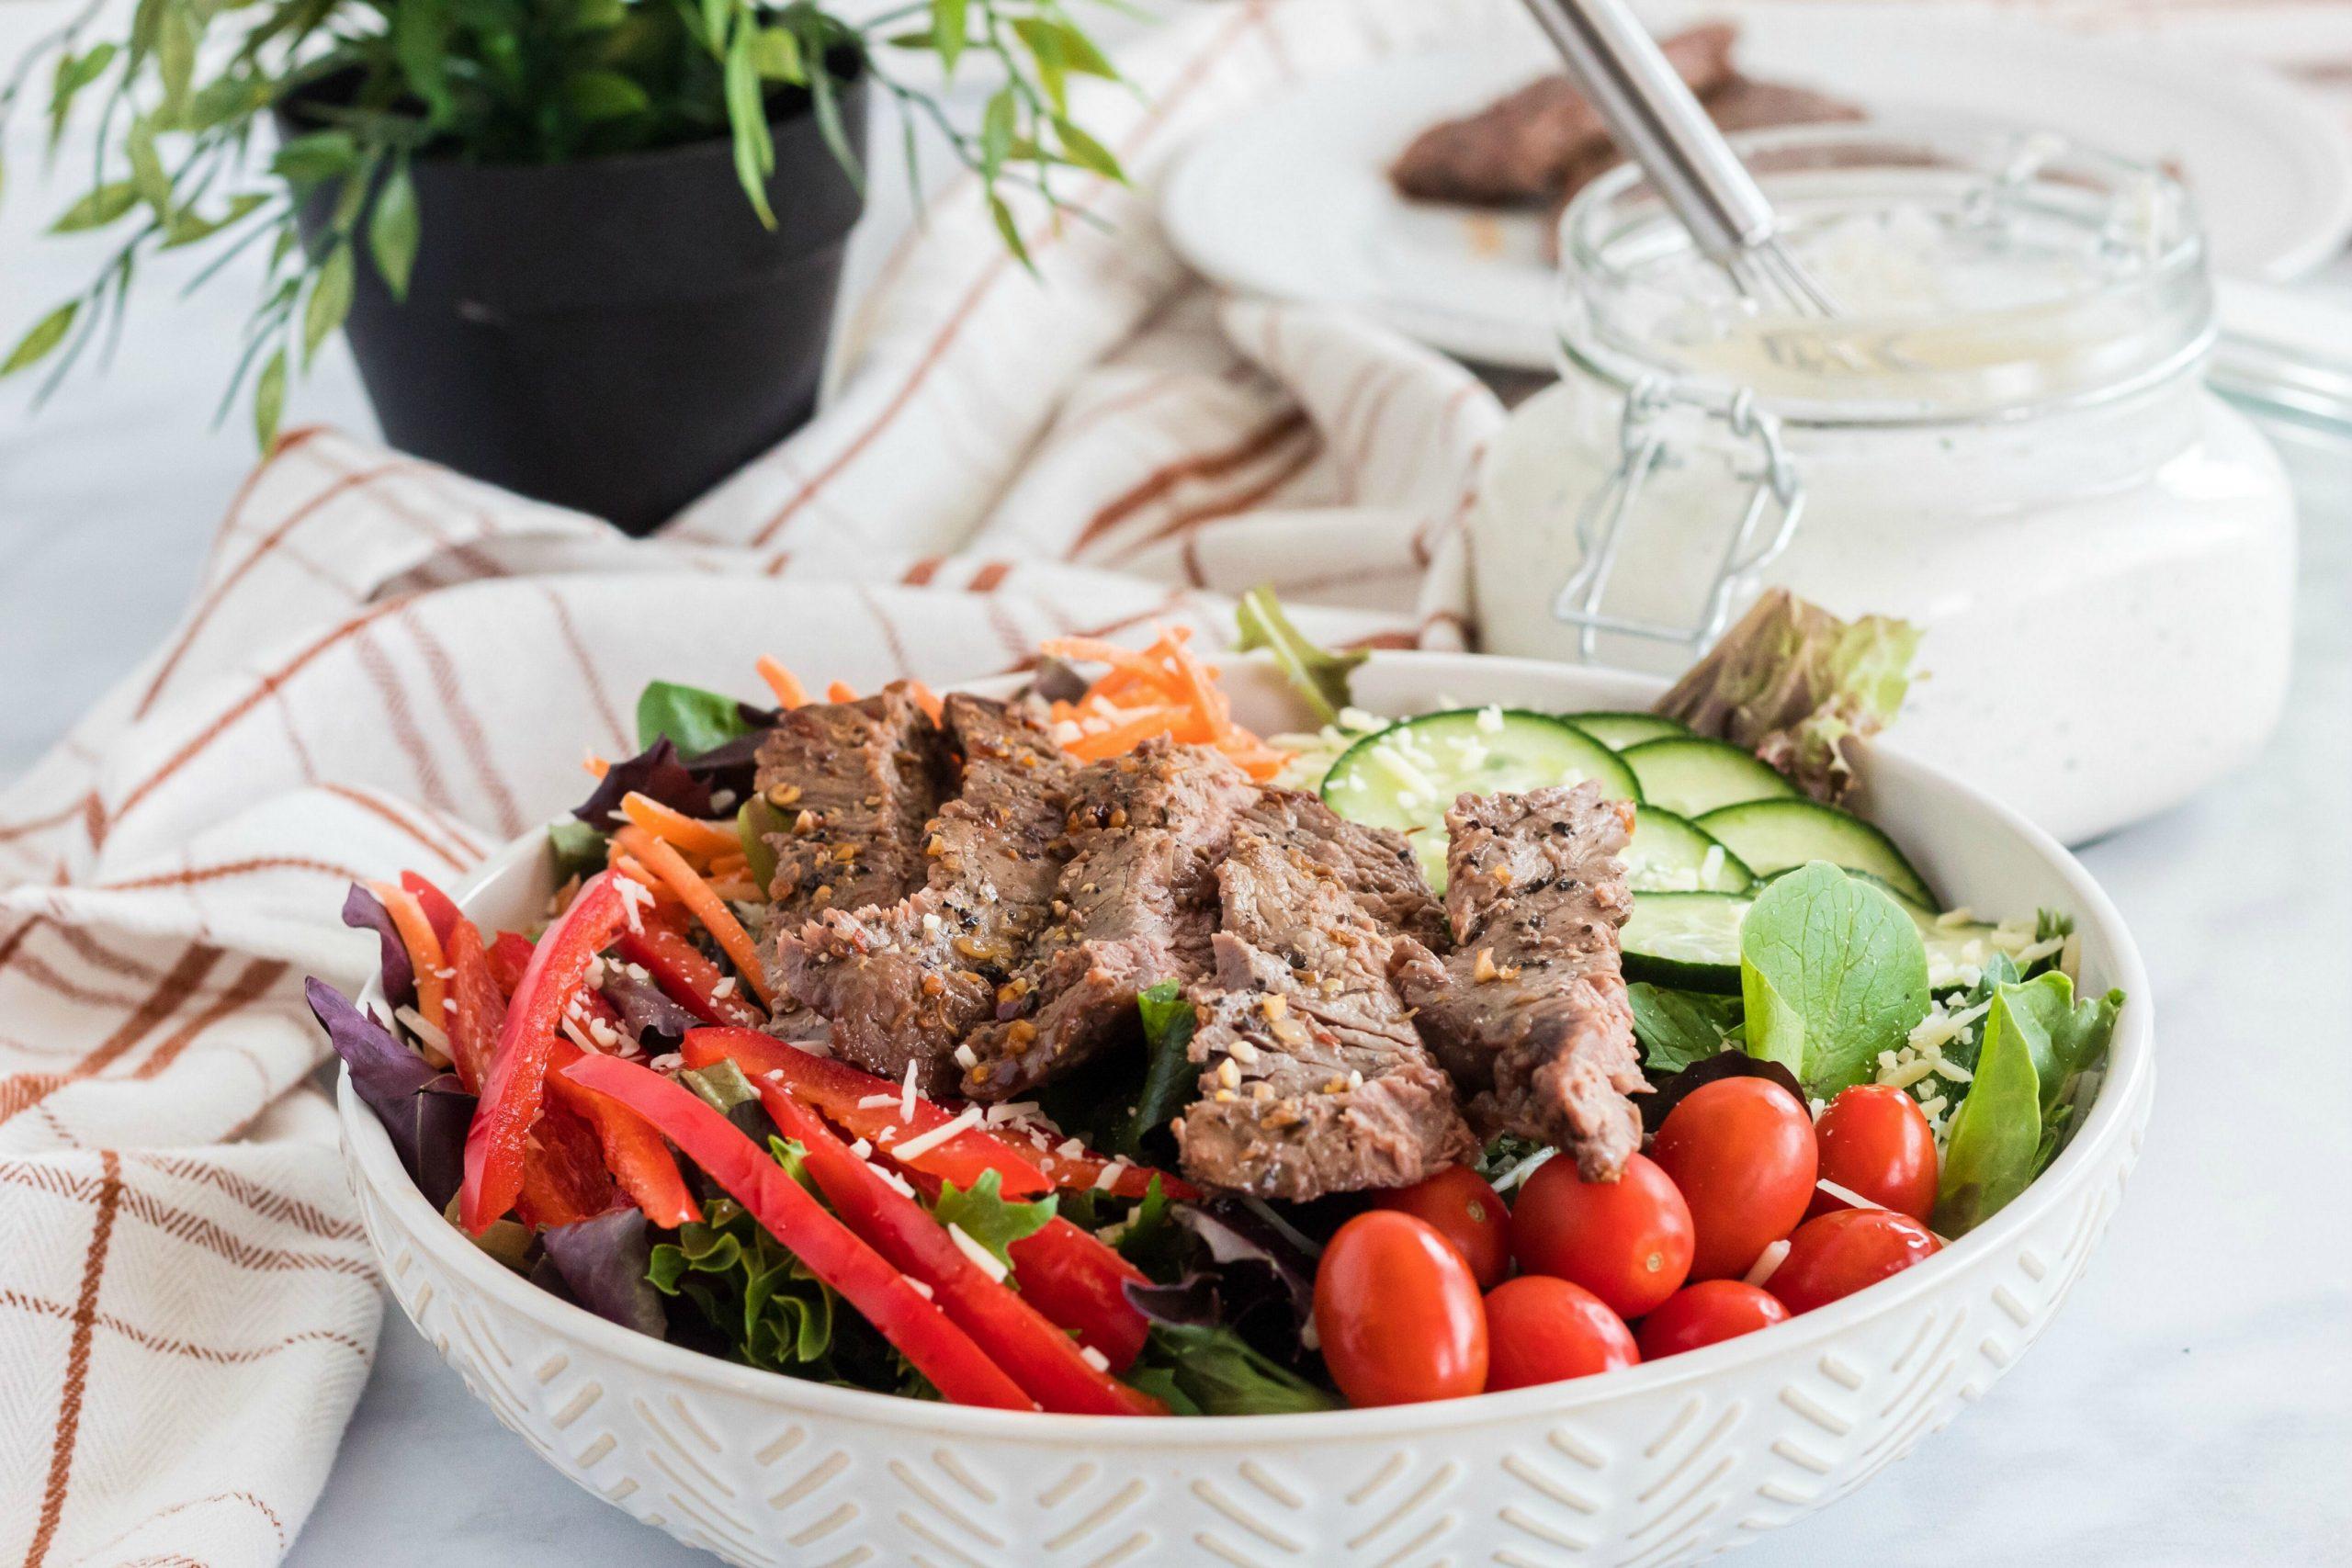 Homemade Sour Cream Salad Dressing